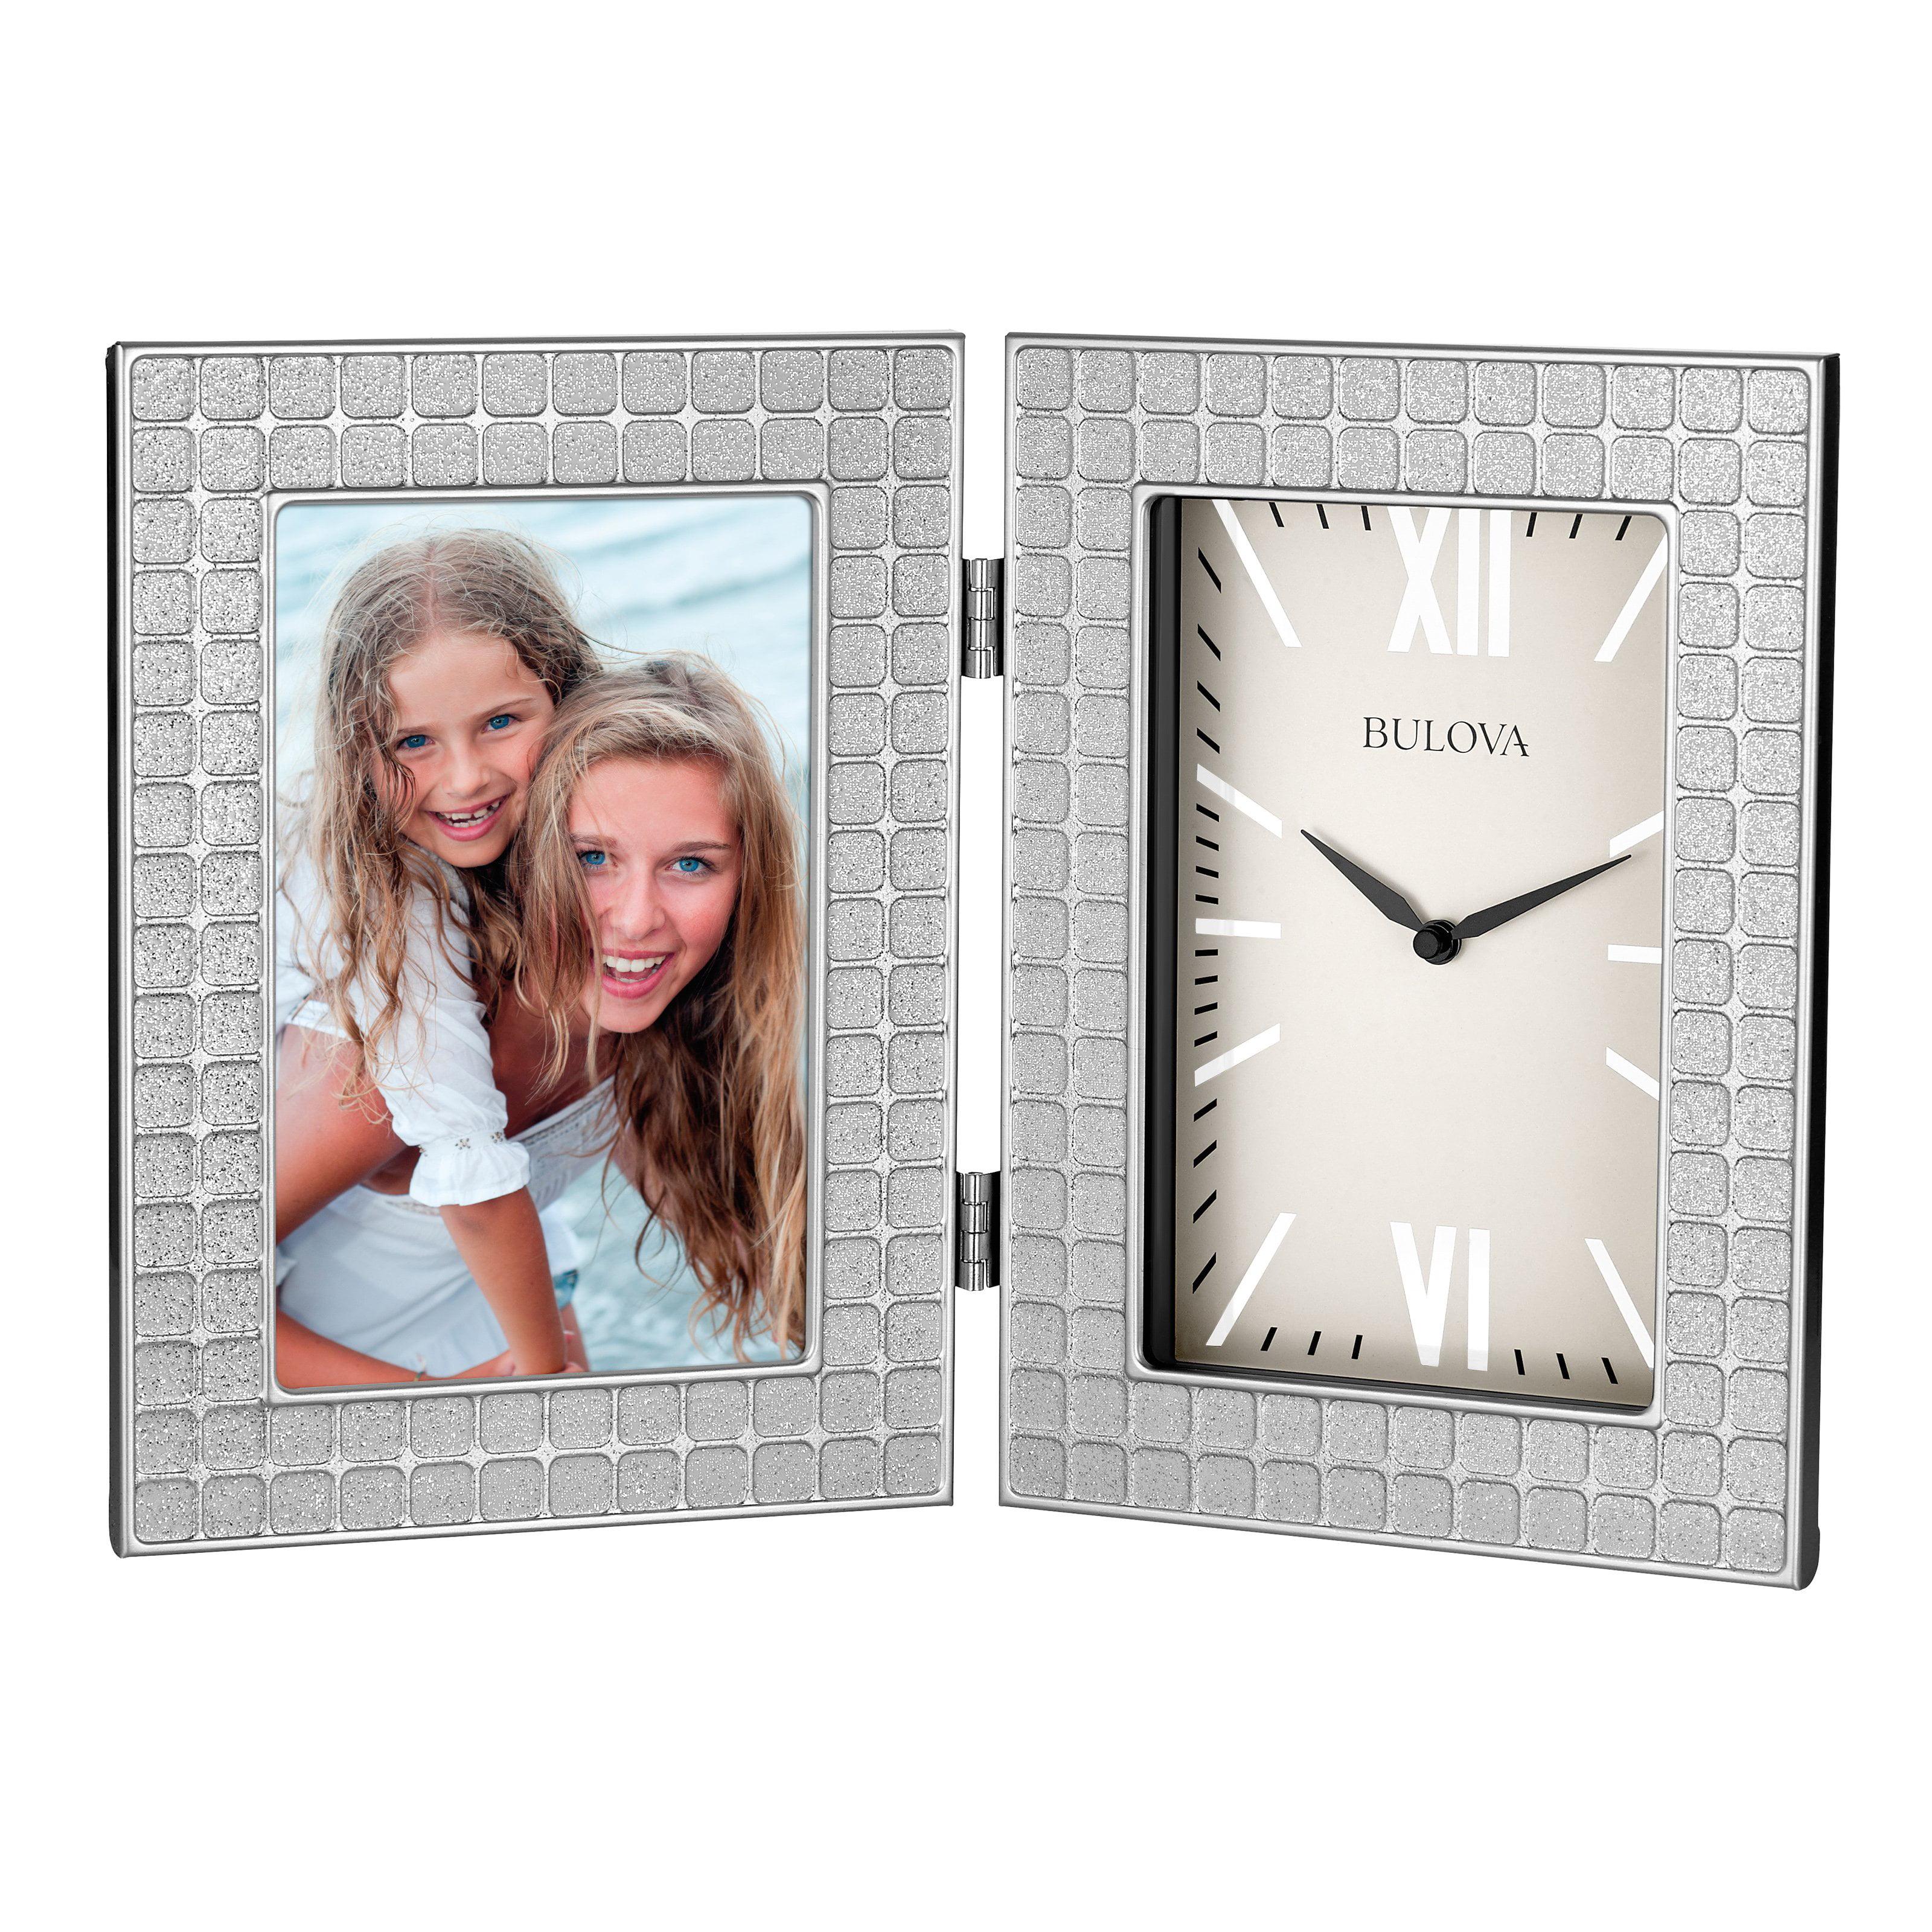 Bulova IMage Picture Frame Desk Clock by Bulova